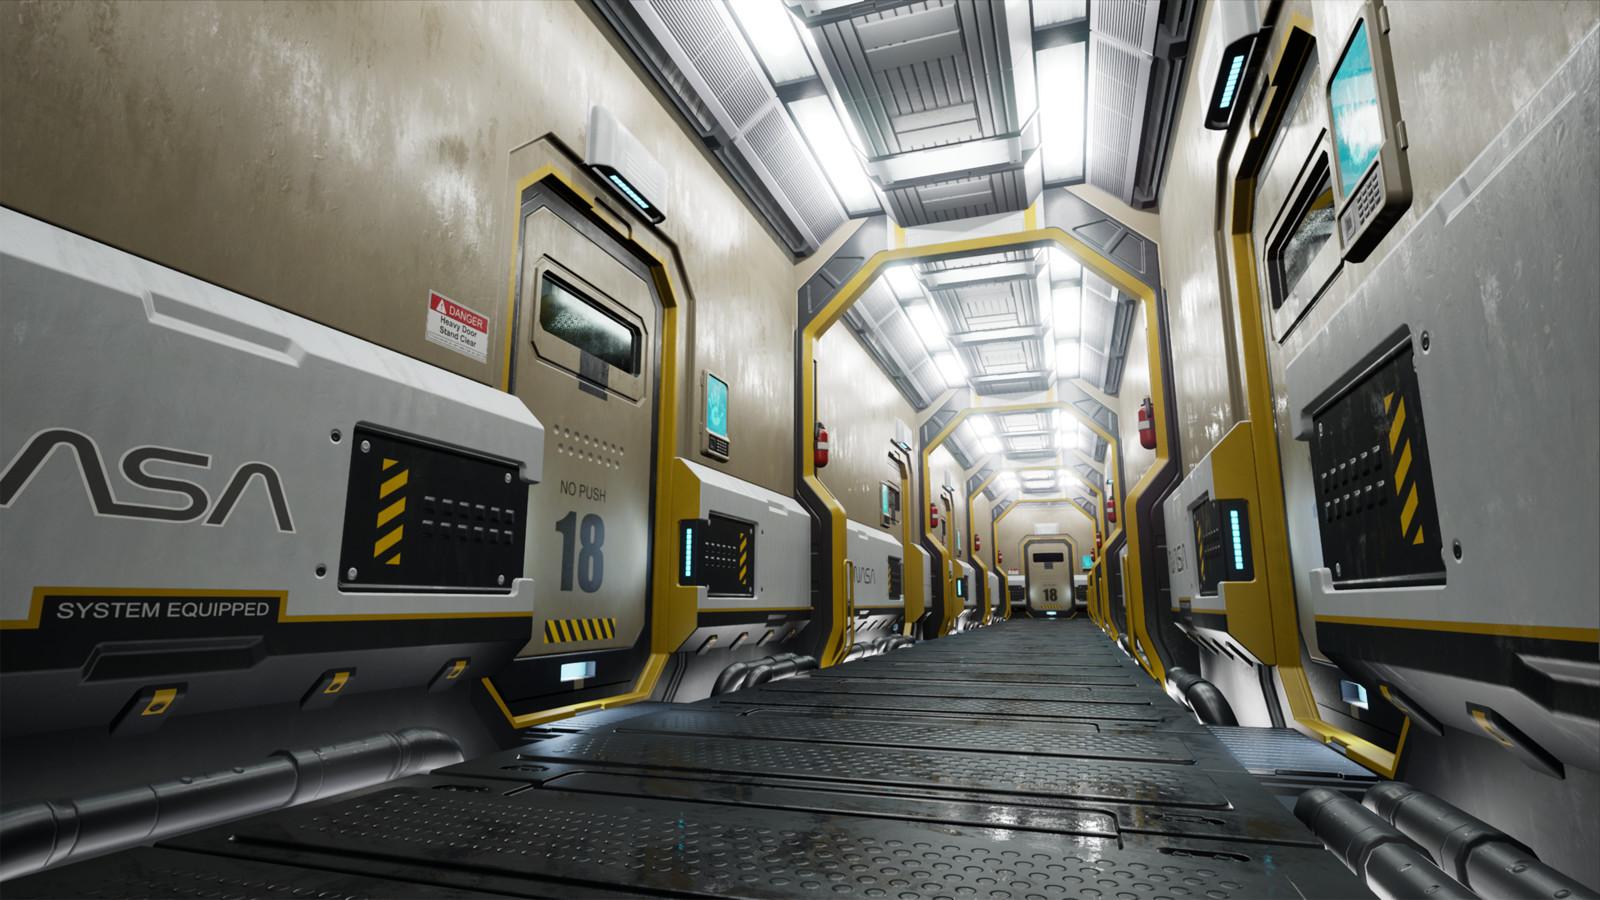 Nasa Sci Fi Corridor